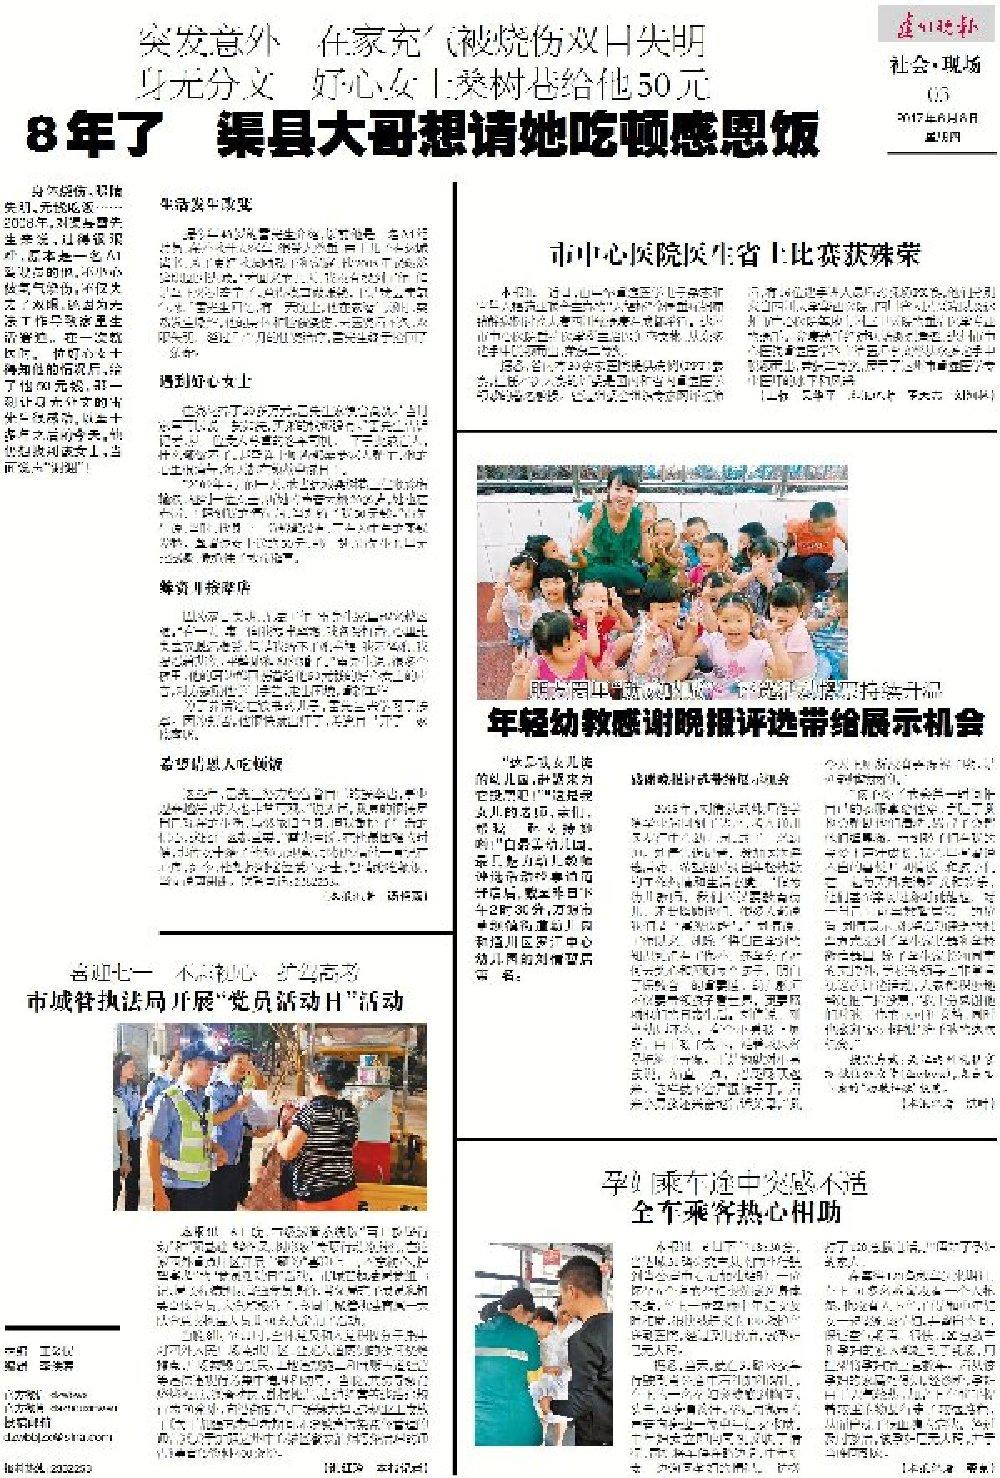 達州市中心醫院醫生(sheng)省上比賽獲殊榮